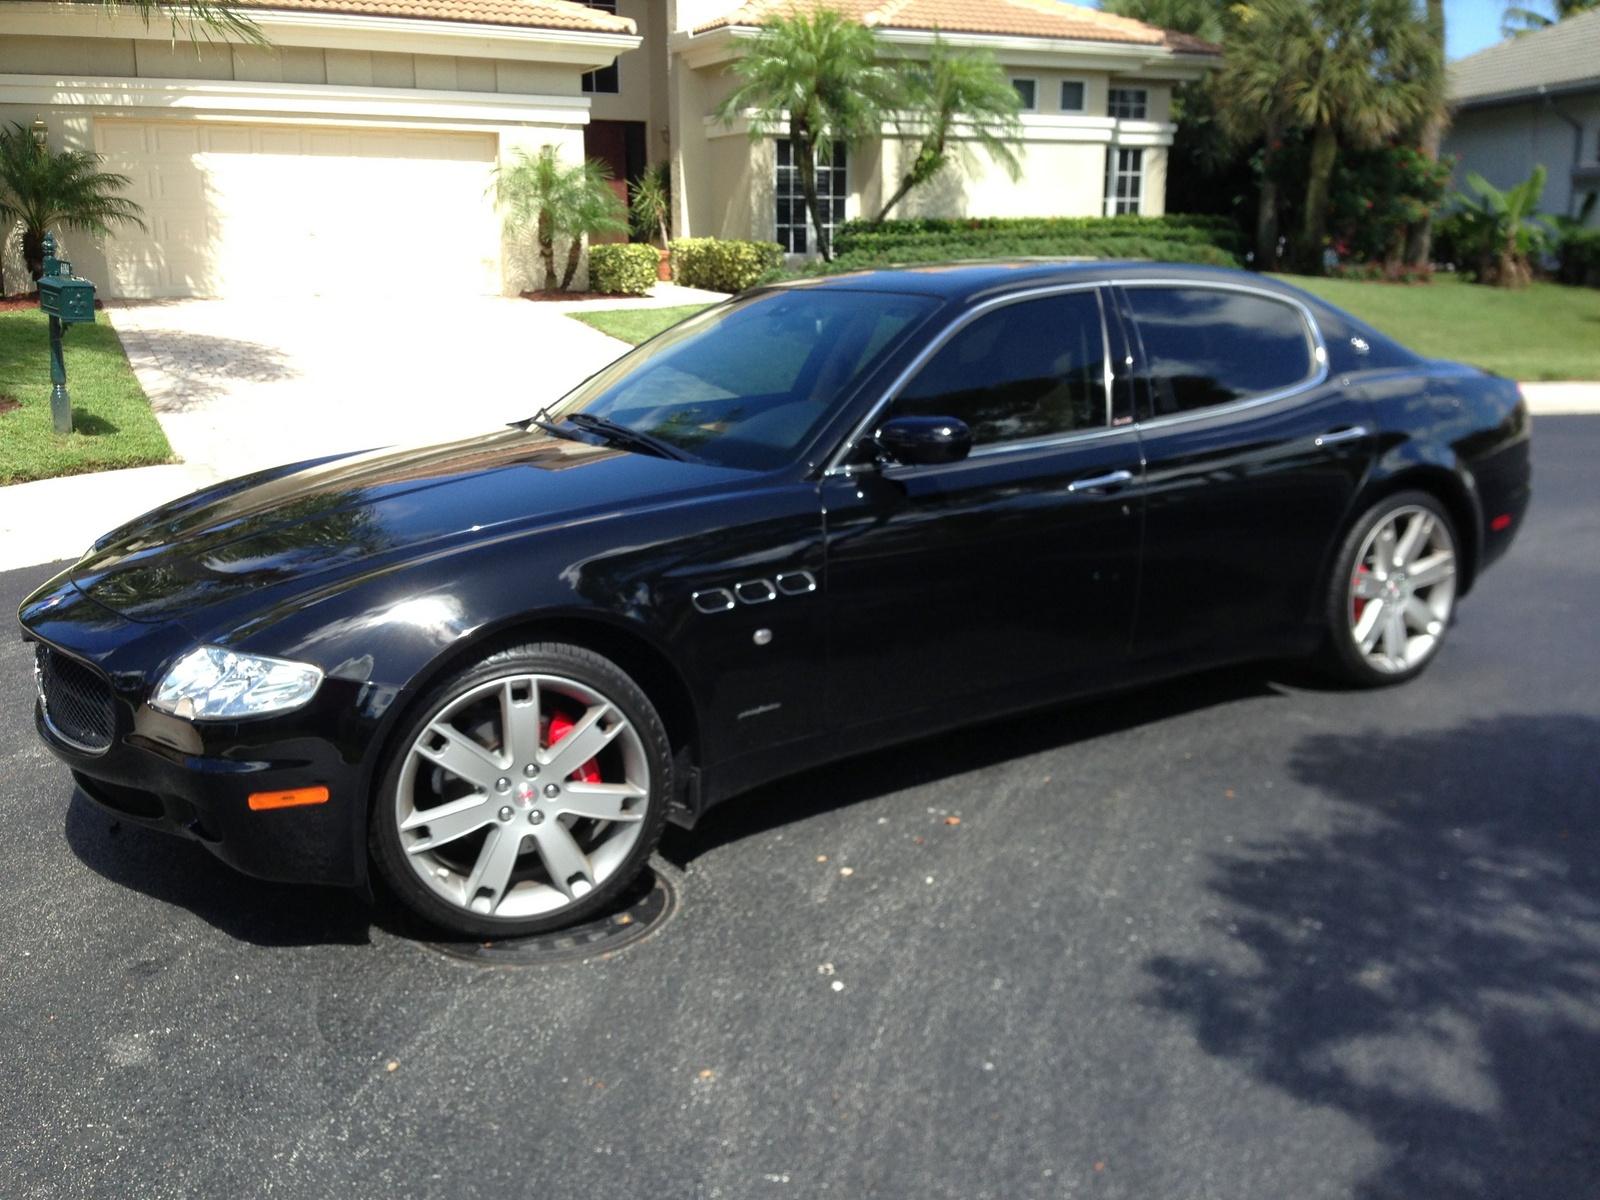 2007 Maserati Quattroporte - Pictures - CarGurus